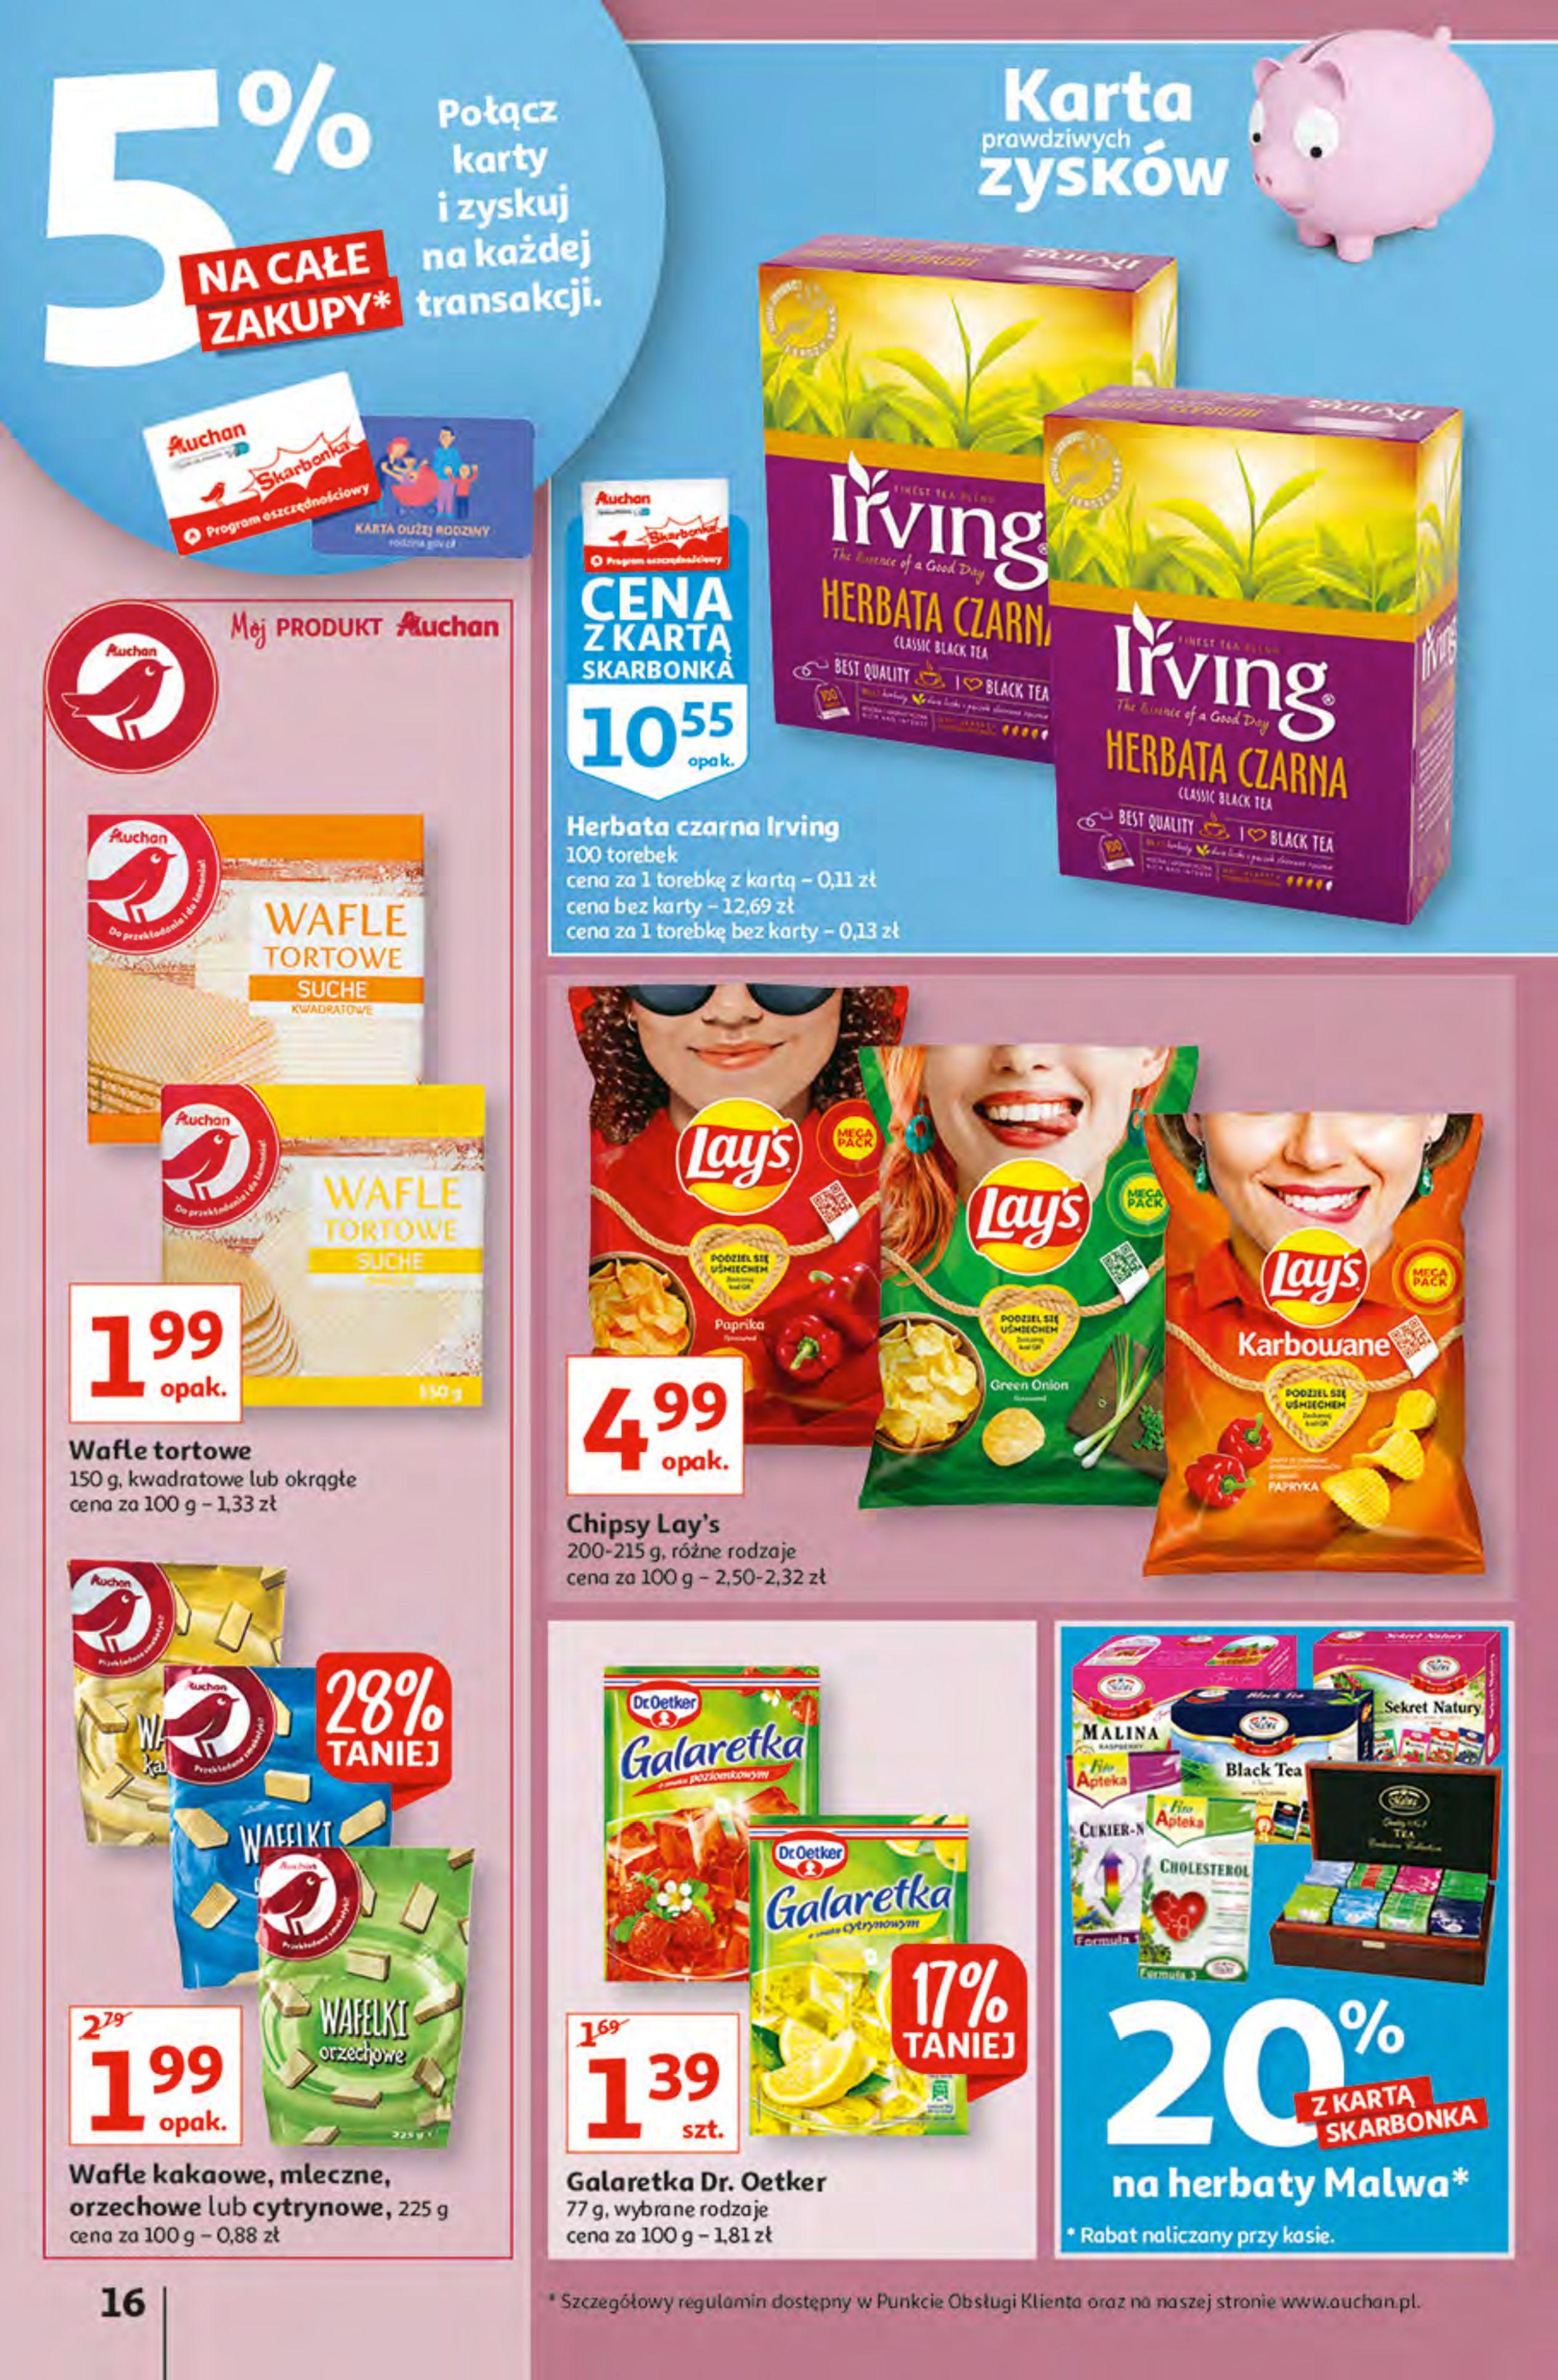 Gazetka Auchan: Gazetka Auchan - Hiperoszczędzanie z Kartą Skarbonka 2 Hipermarkety 2021-10-14 page-16